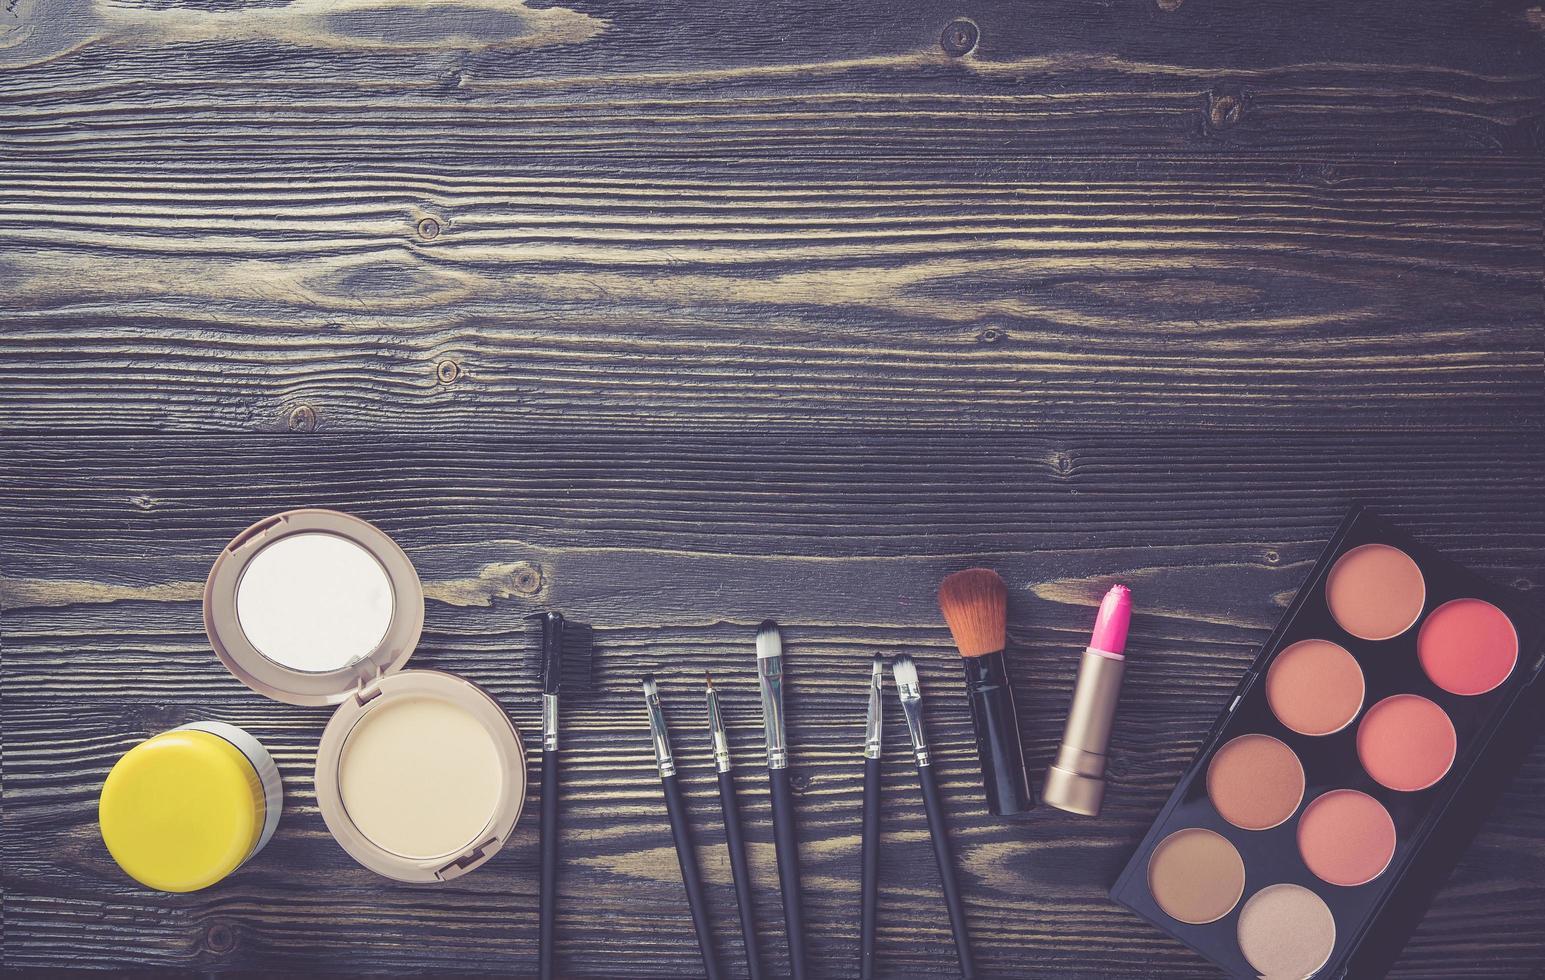 maquillage sur table en bois photo